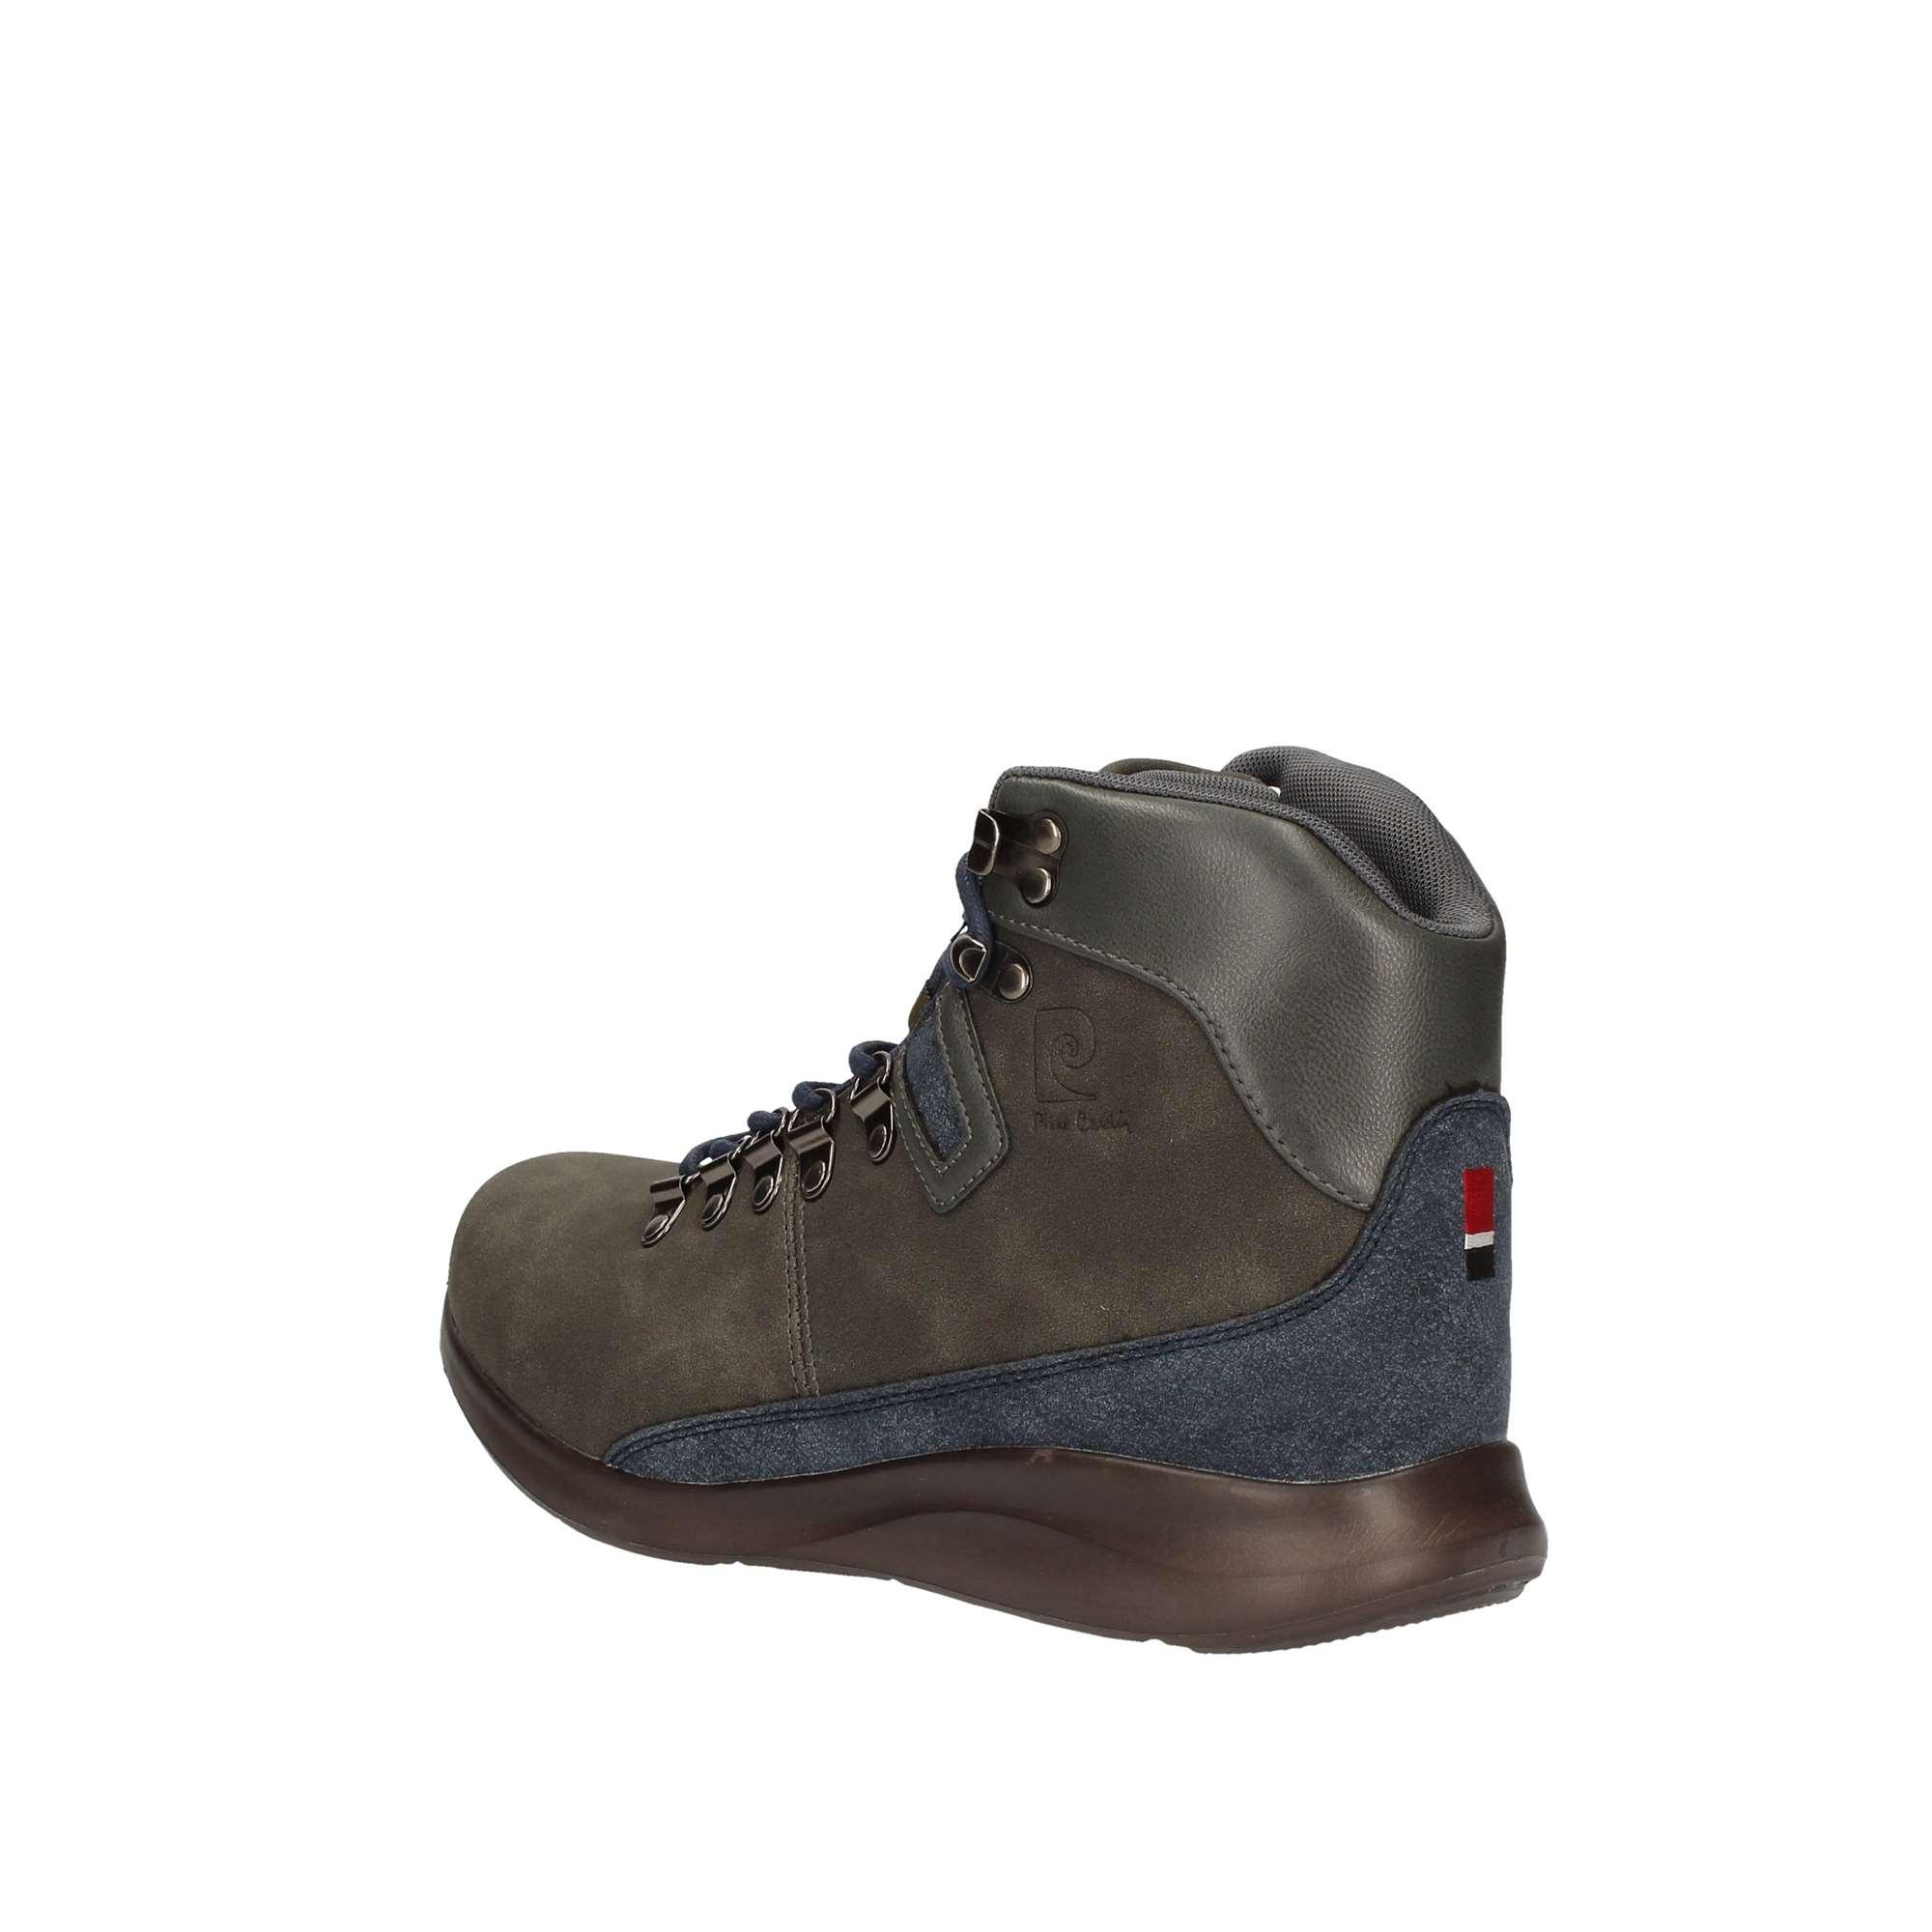 Uomo Pierre Sneakers inverno Pc731 Cardin Autunno Grigio xwPZnHBPq